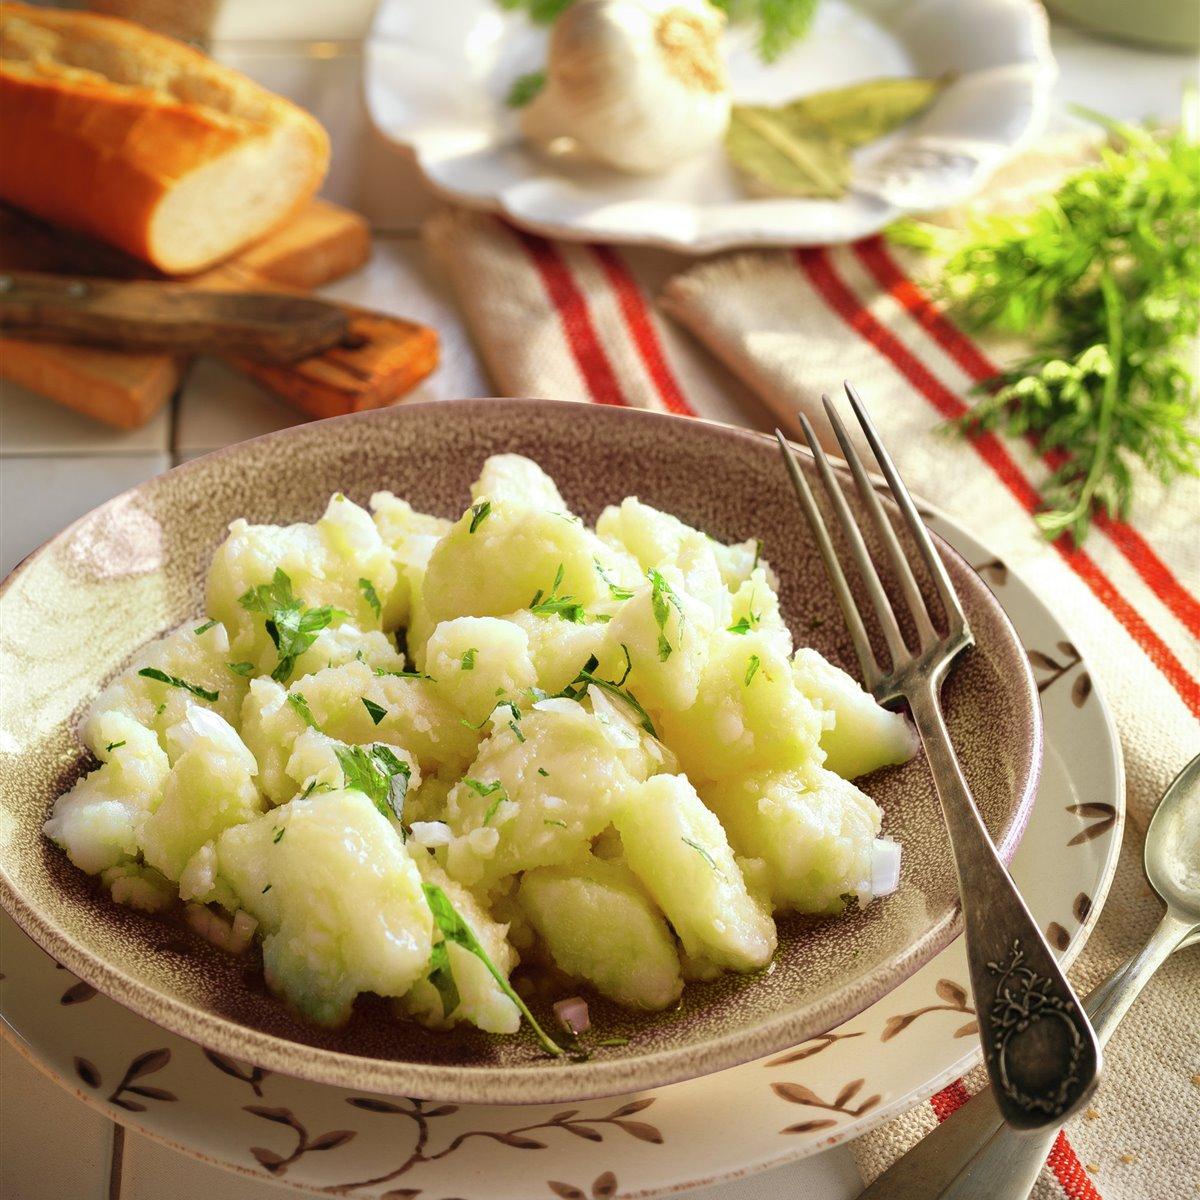 la_patata_alinadas_de_el_faro_de_cadiz_del_chef_mario_jimenez